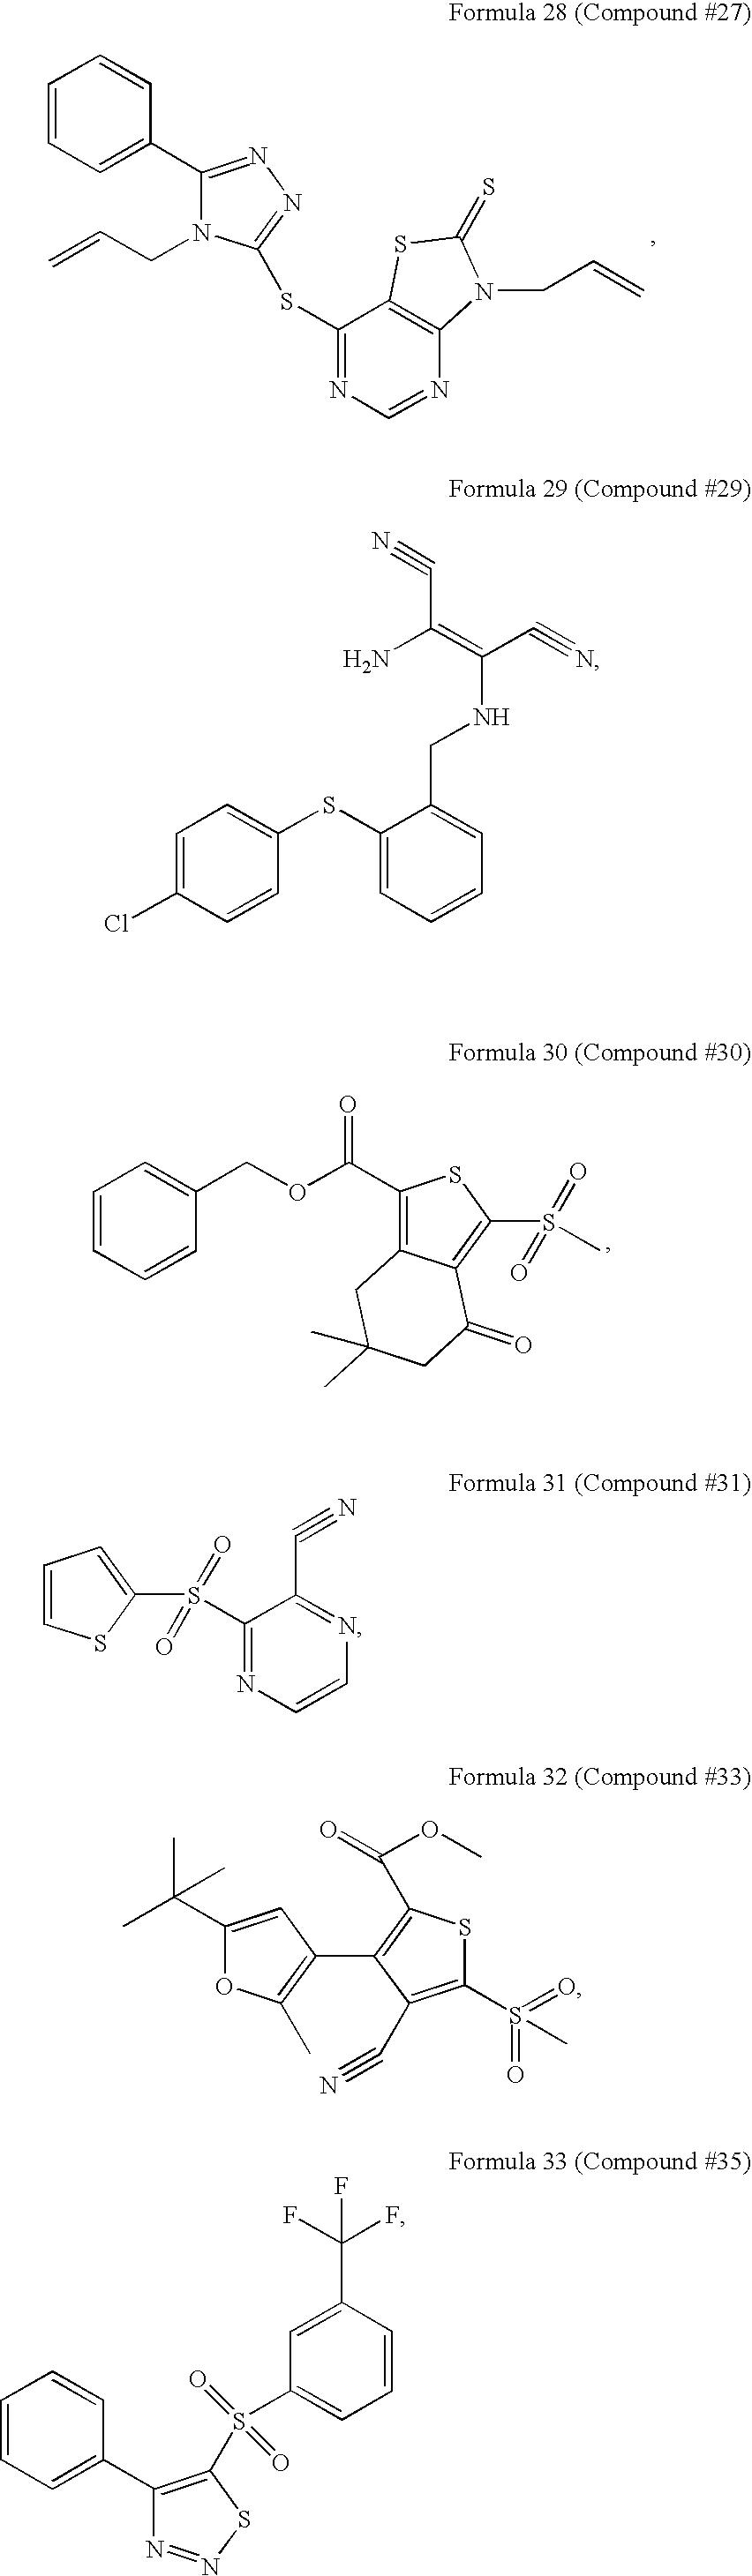 Figure US07553832-20090630-C00014